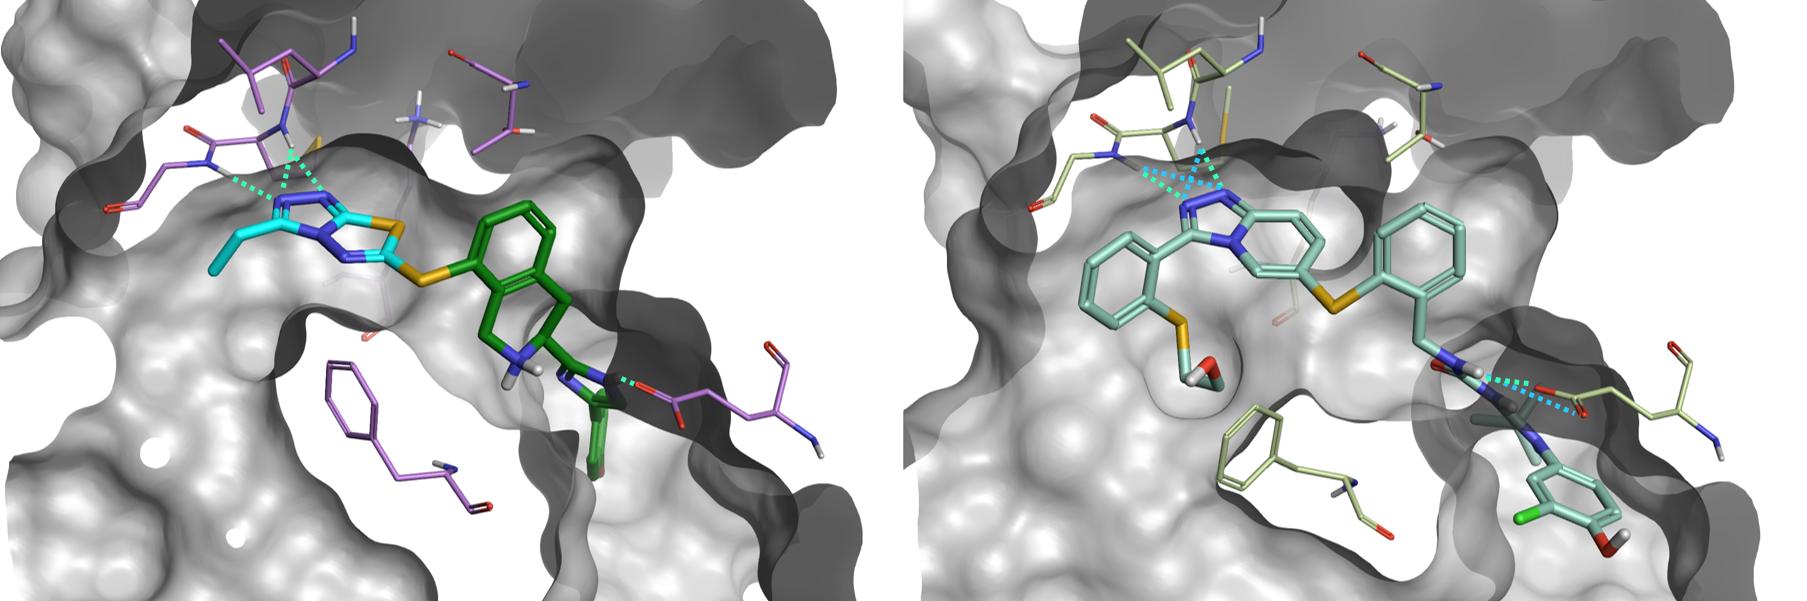 Figure6_Result 4 versus Pfizer compound